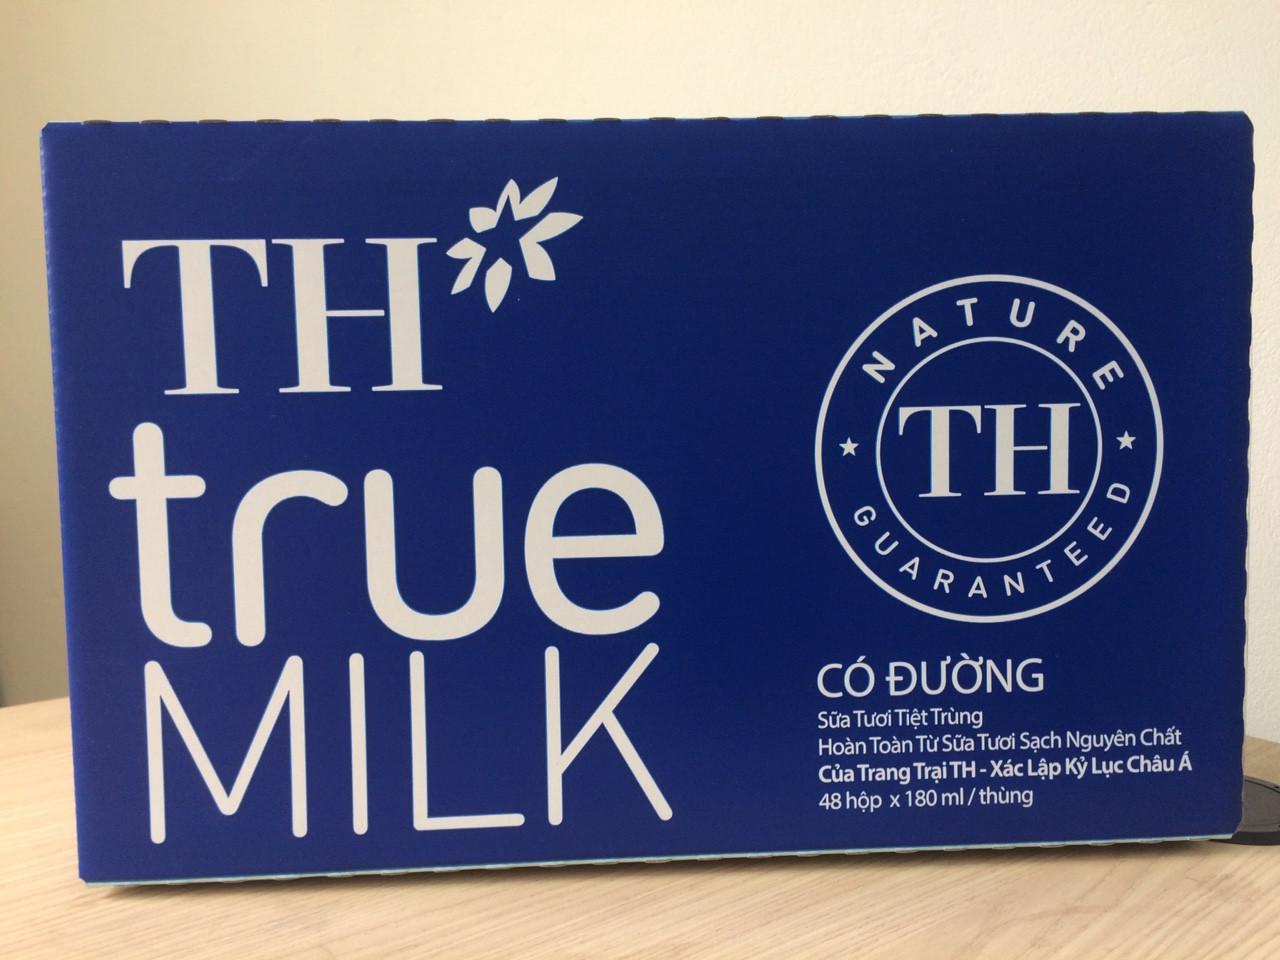 Thùng sữa tươi tiệt trùng có đường